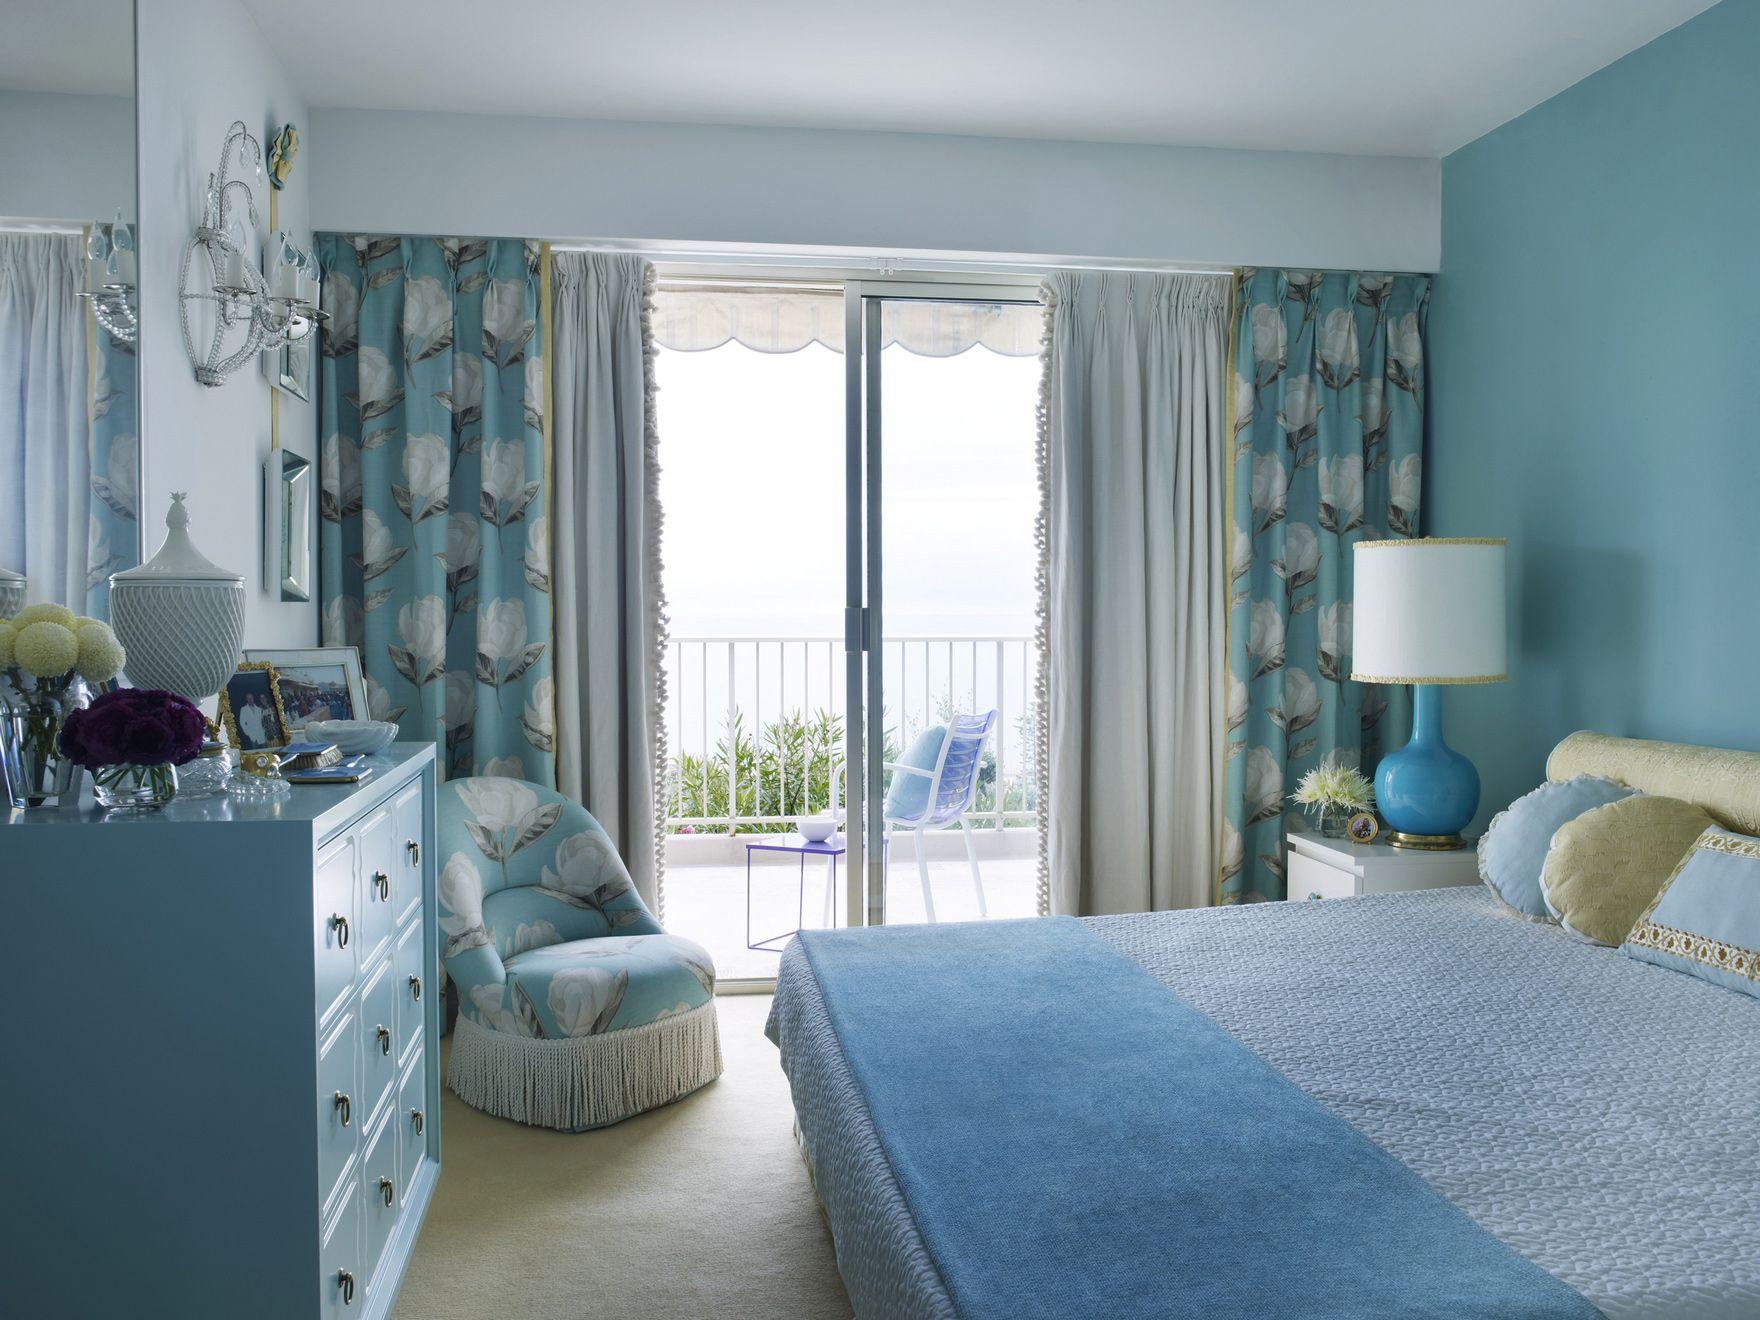 Голубая мебель и текстиль в спальне